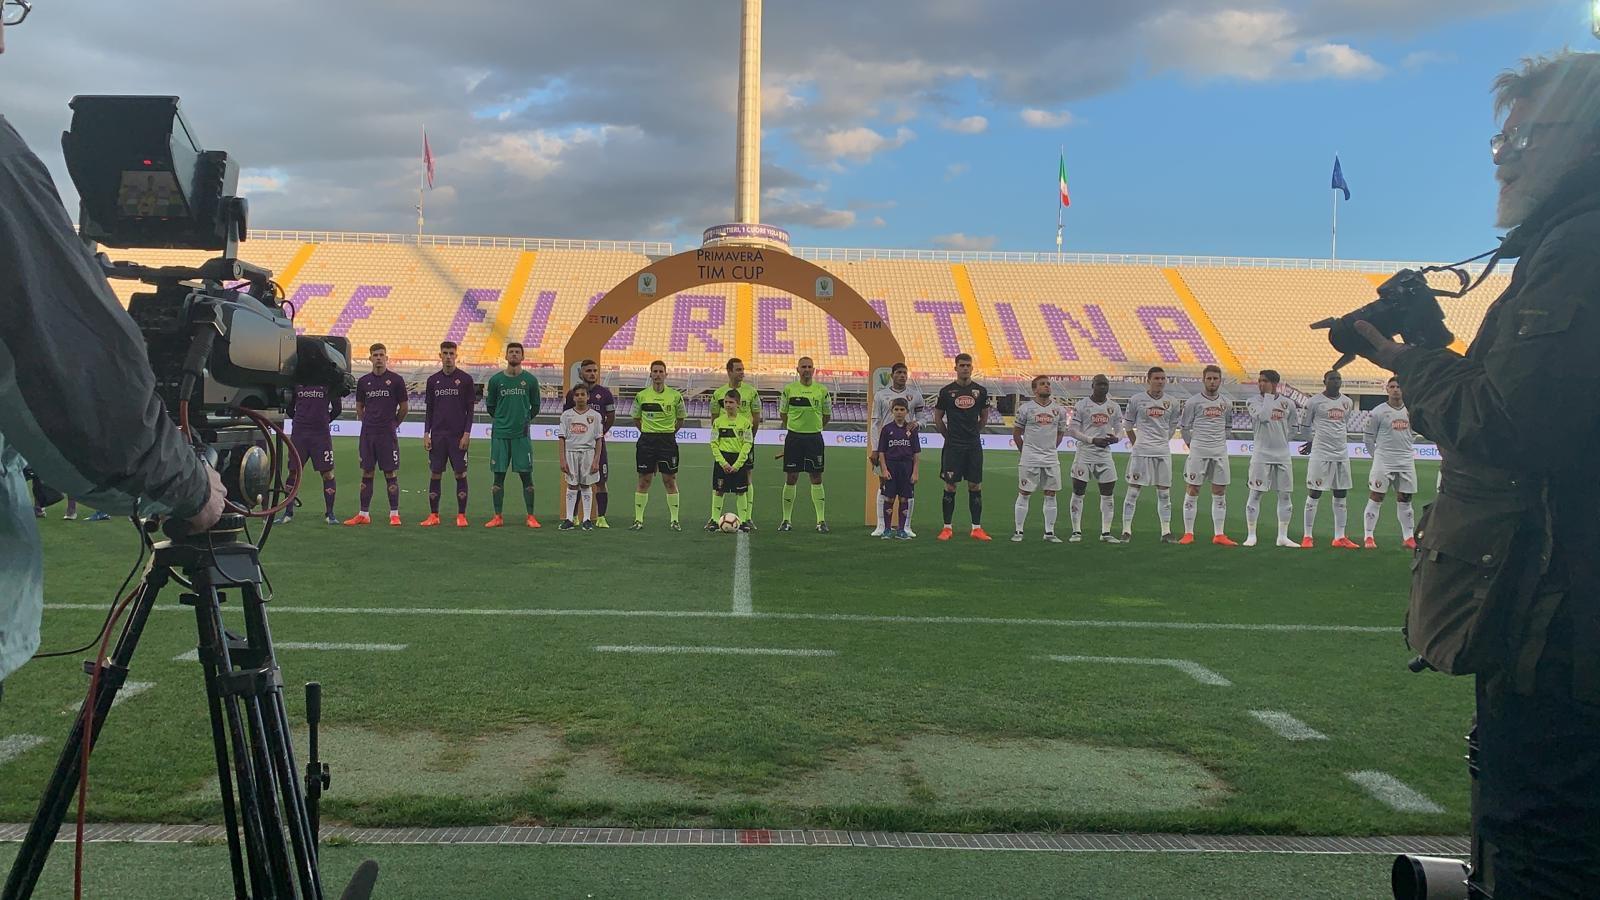 Sportitalia, Palinsesto Calcio 12 - 13 - 14 Aprile (Primavera e Serie C)